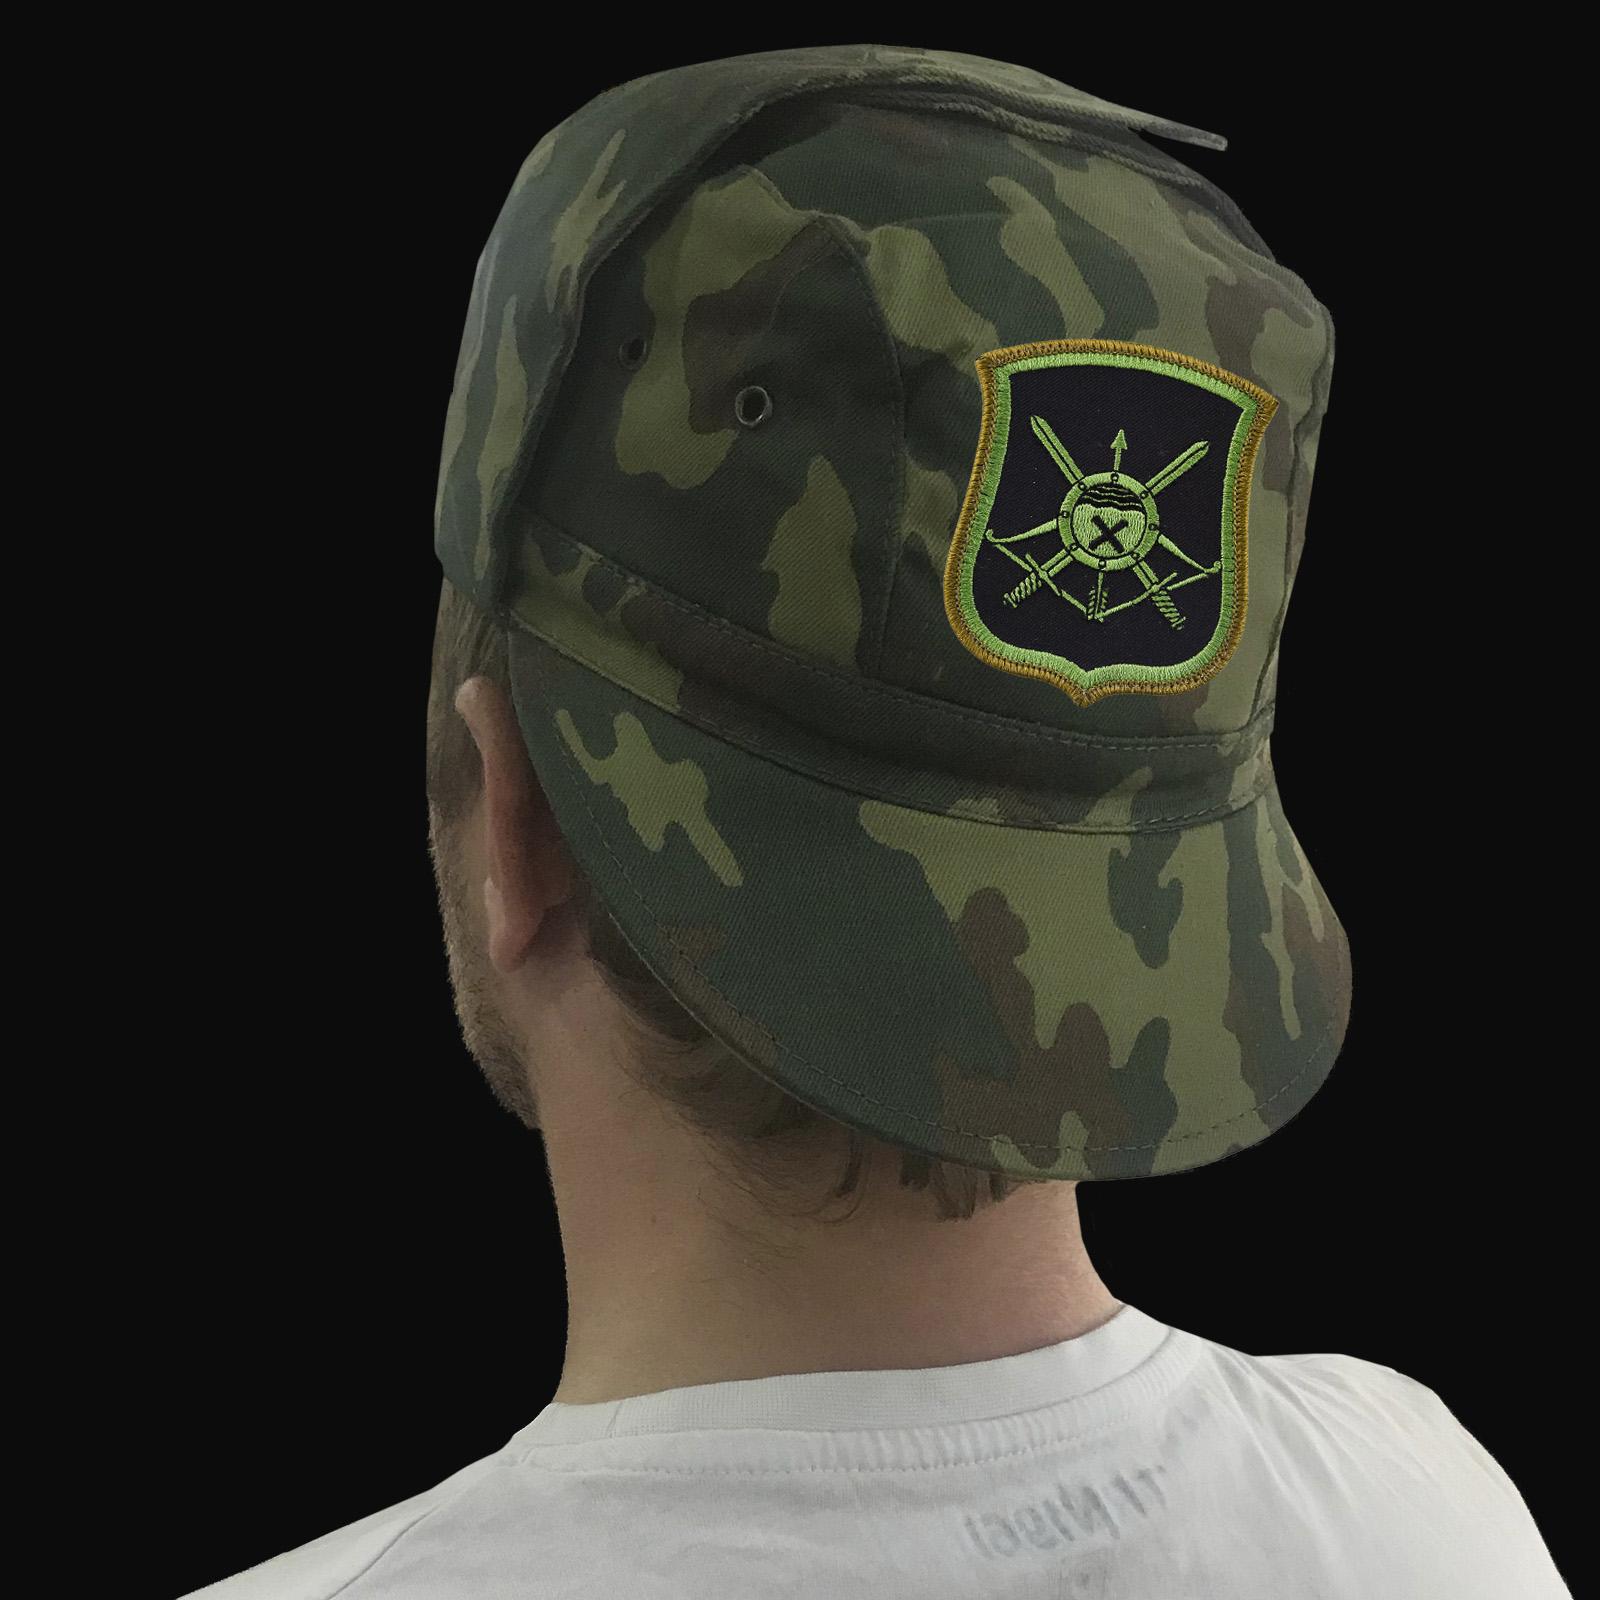 Купить камуфляжную кепку с шевроном Ракетных войск